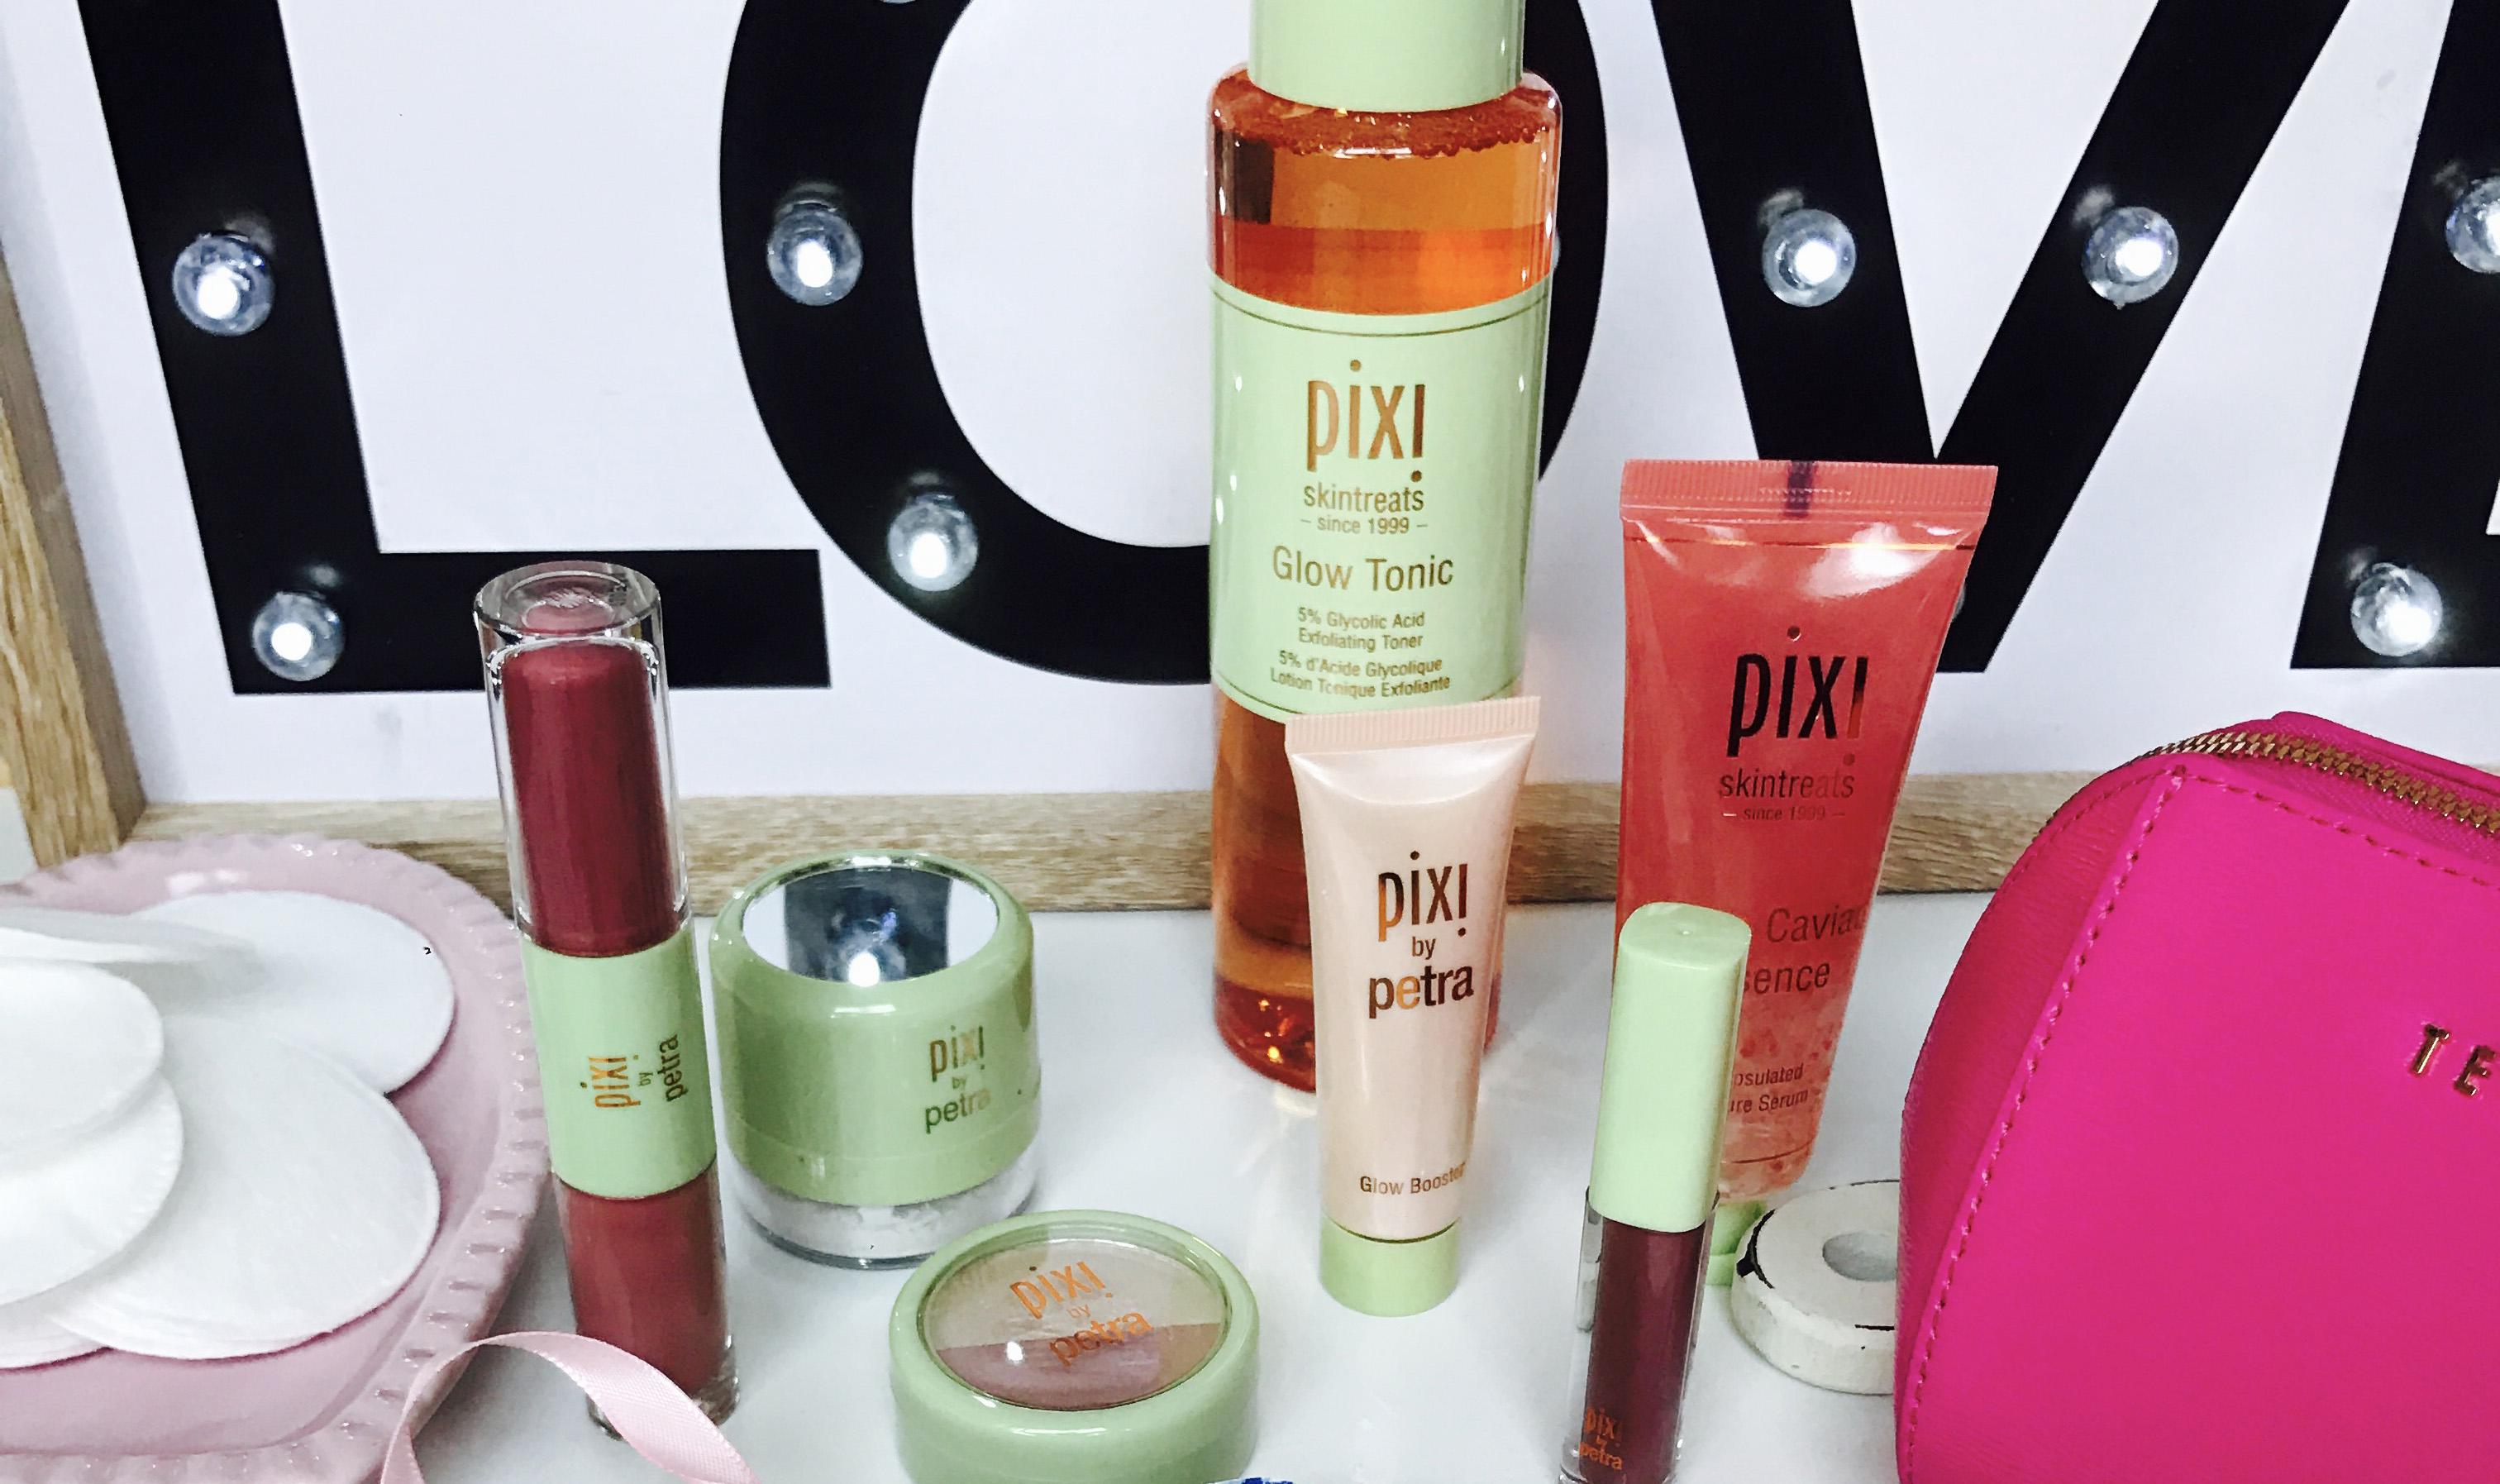 Descubriendo la cosmética de Pixi Beauty